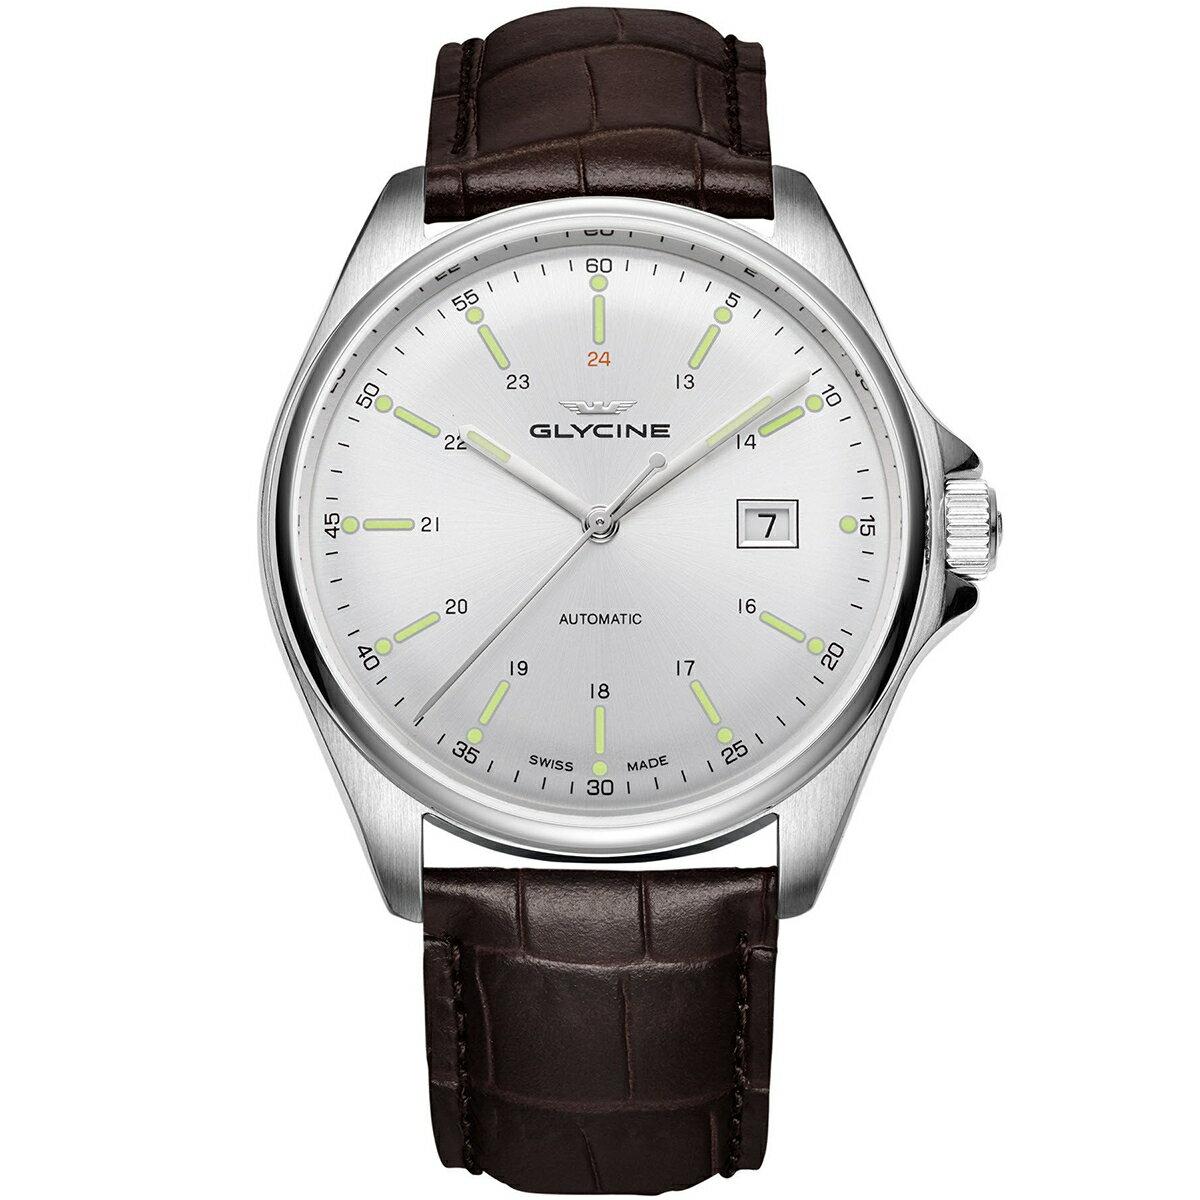 グライシン グリシン GLYCINE コンバット6 クラシック COMBAT 6 CLASSIC 43 GL0110 メンズ 時計 腕時計 自動巻き オートマチック スイス製 スイスメイド パイロット